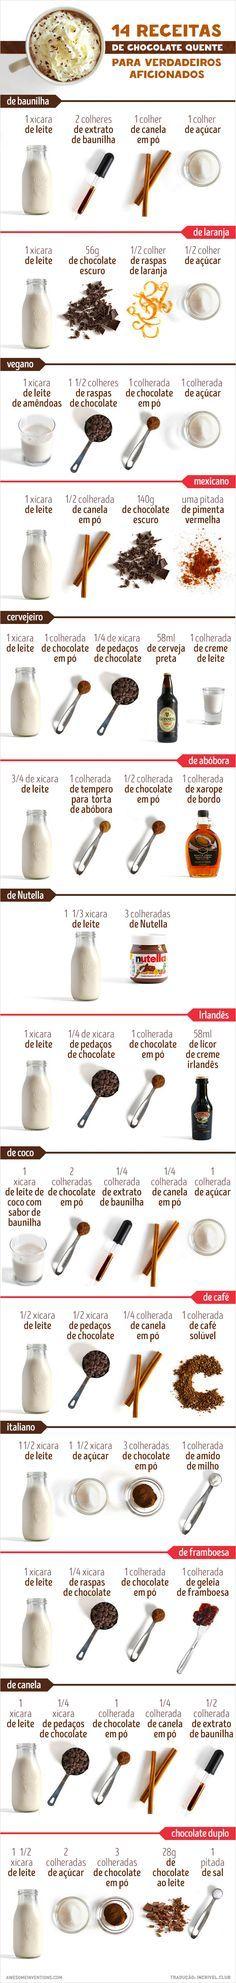 14receitas dechocolate quente para um verdadeiro chocólatra